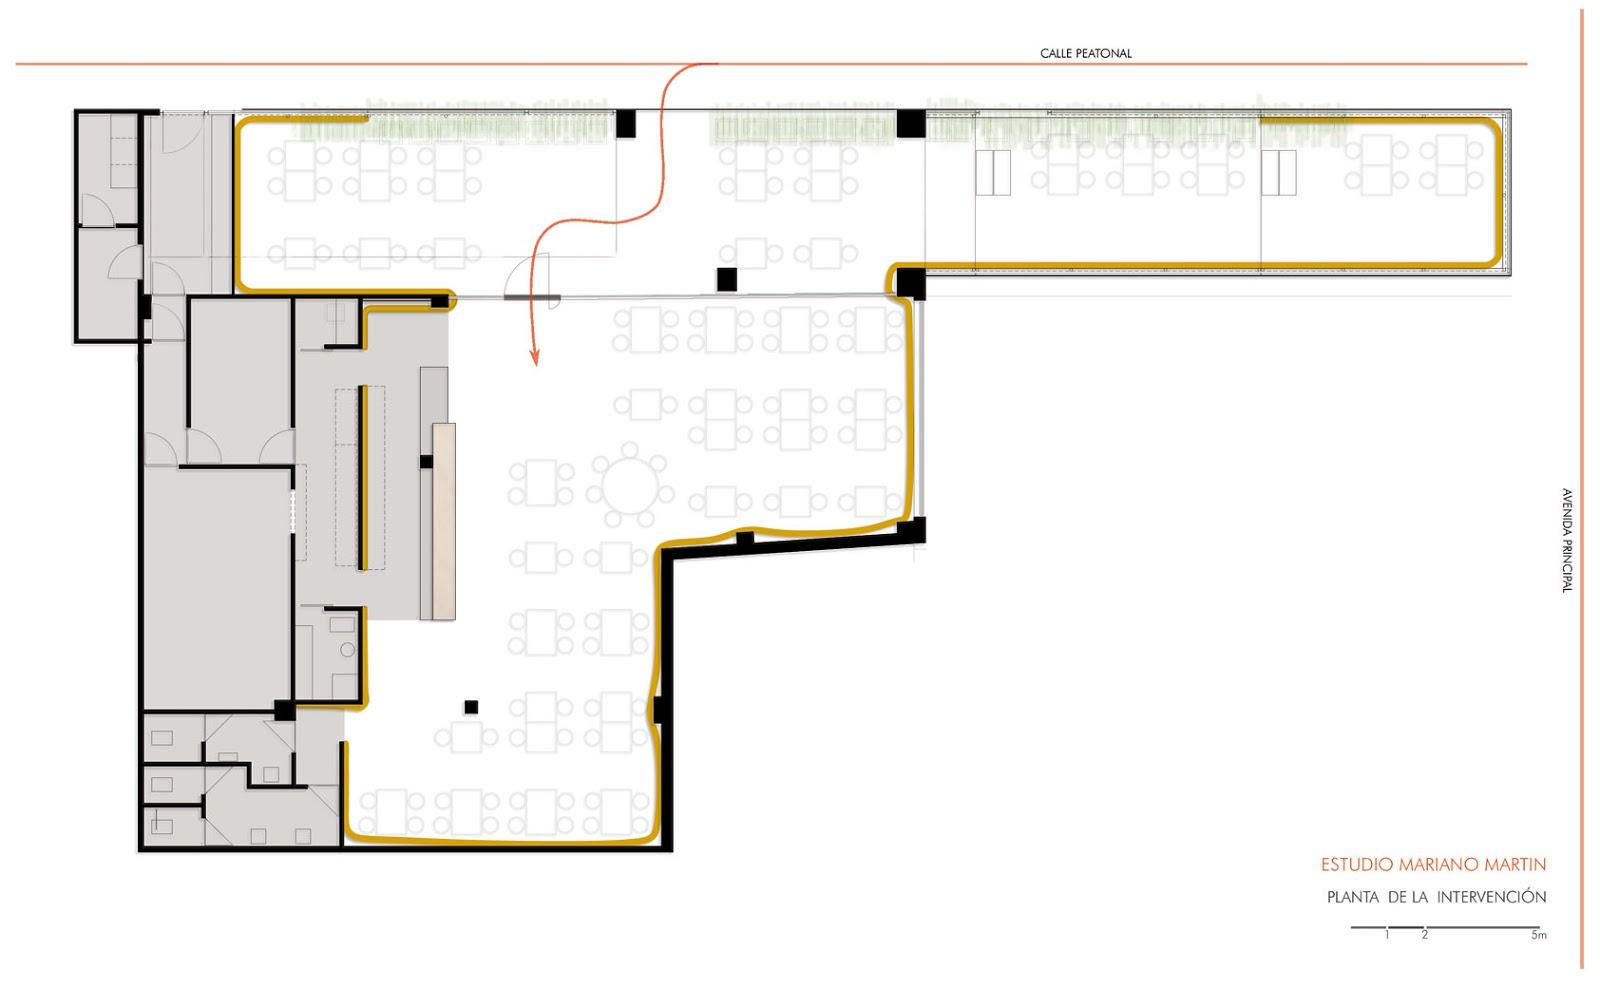 Blog Del ESTUDIO MARIANO MARTIN: Planos Y Dibujos De Un